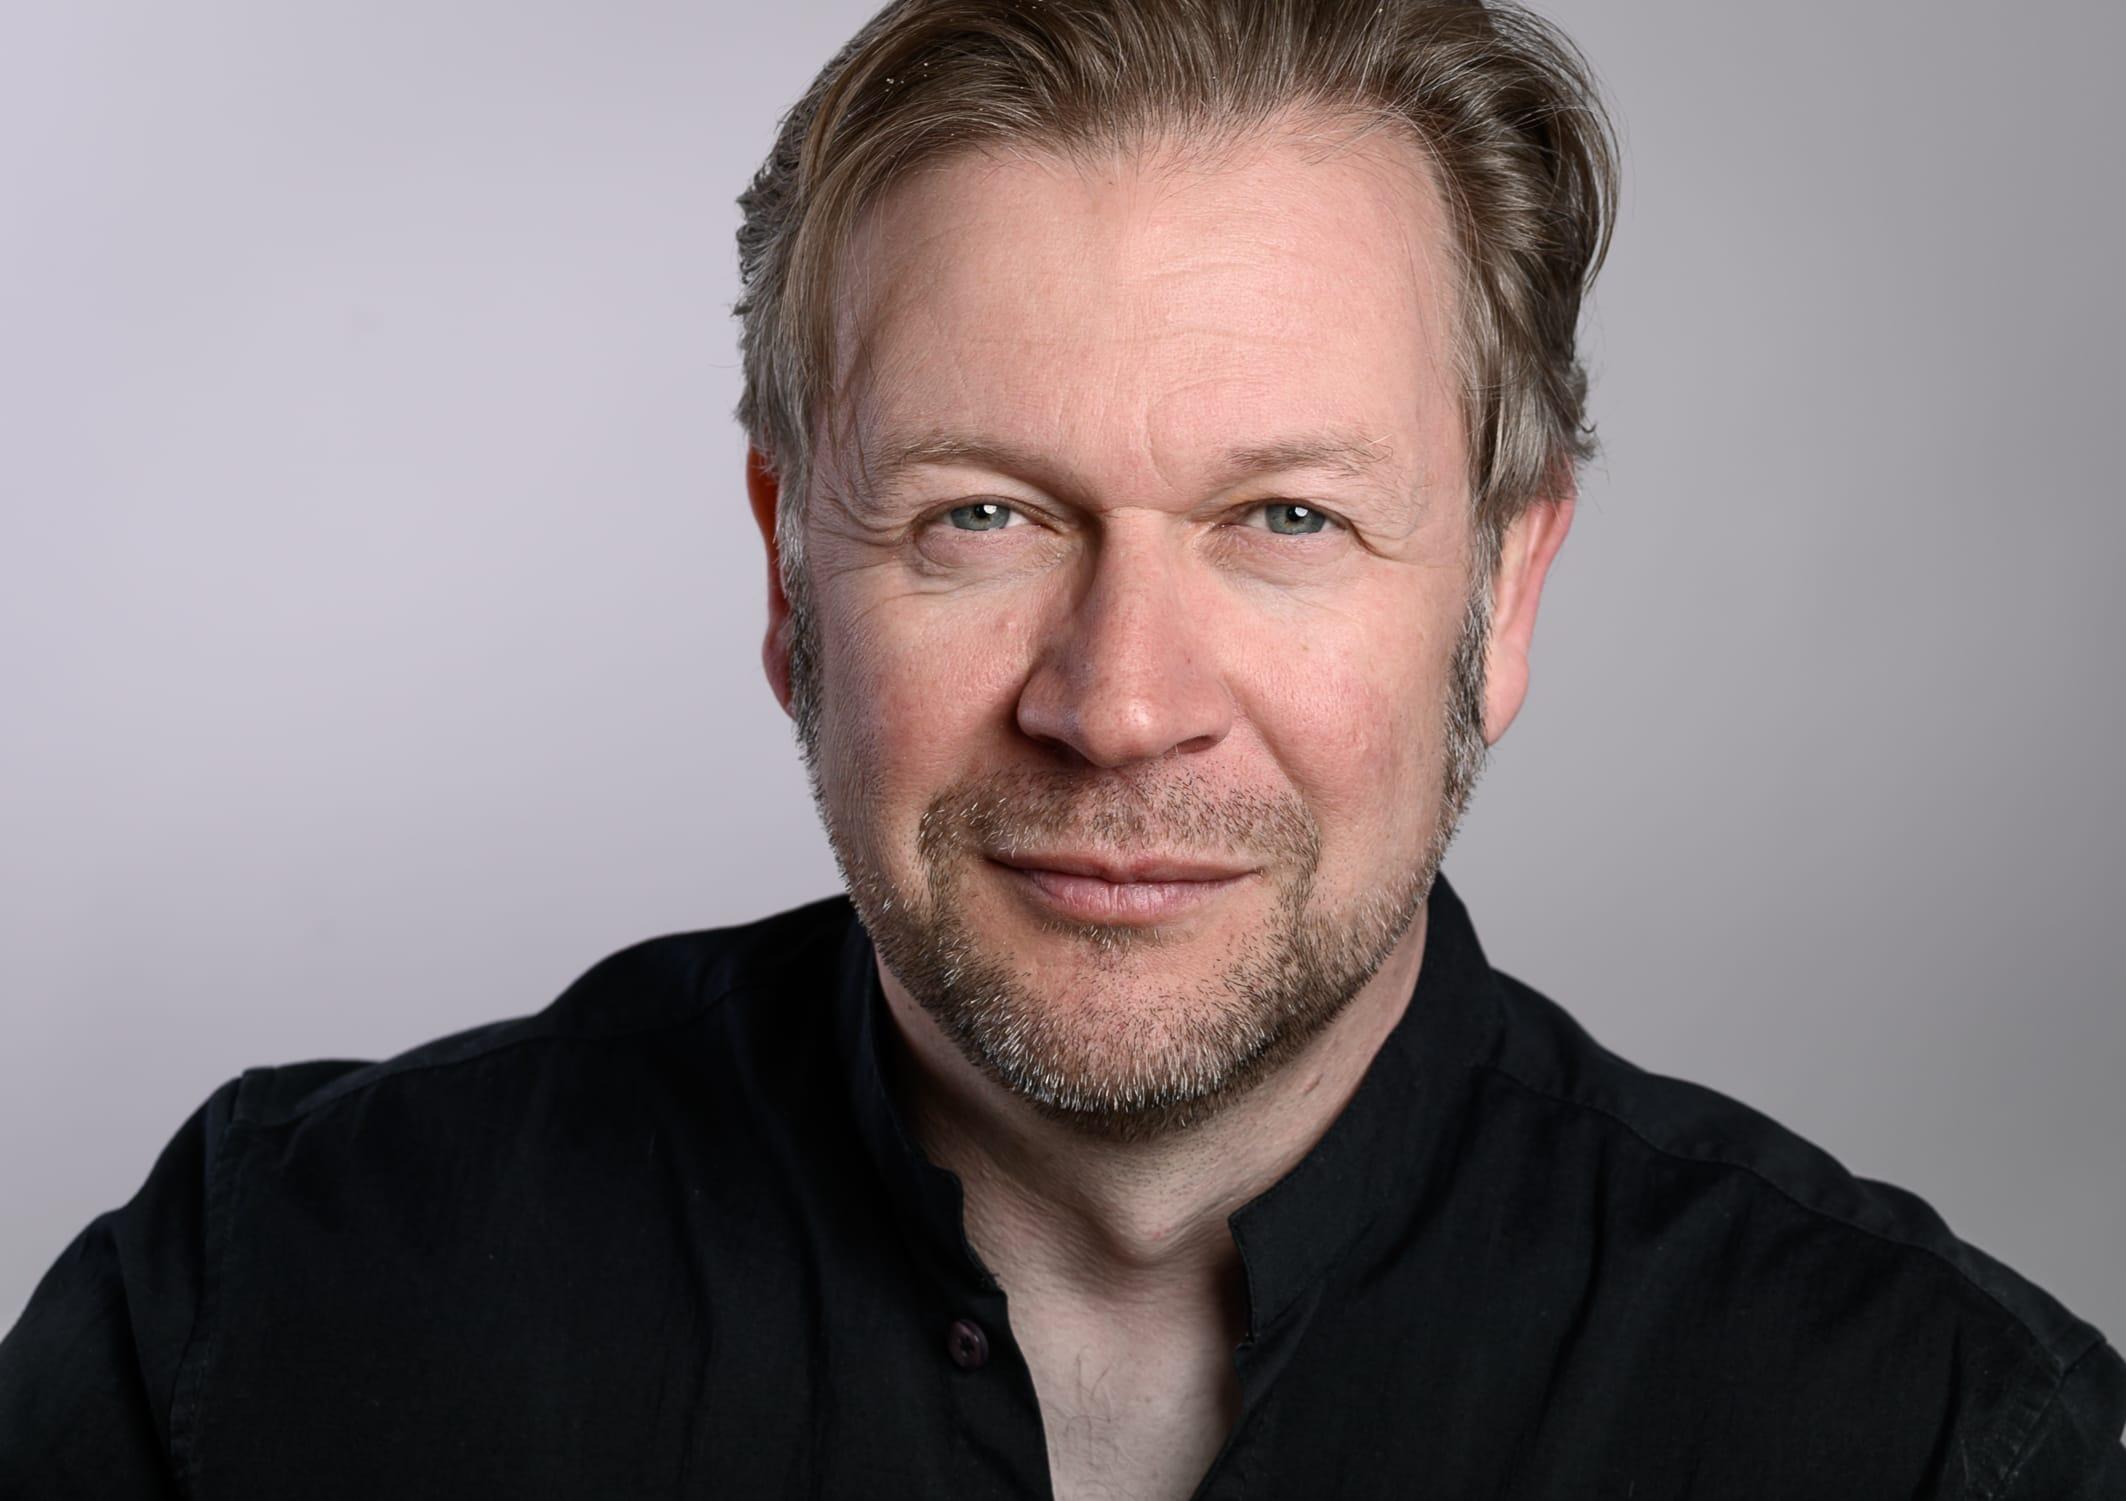 portrait Foto von Bernd Könnes